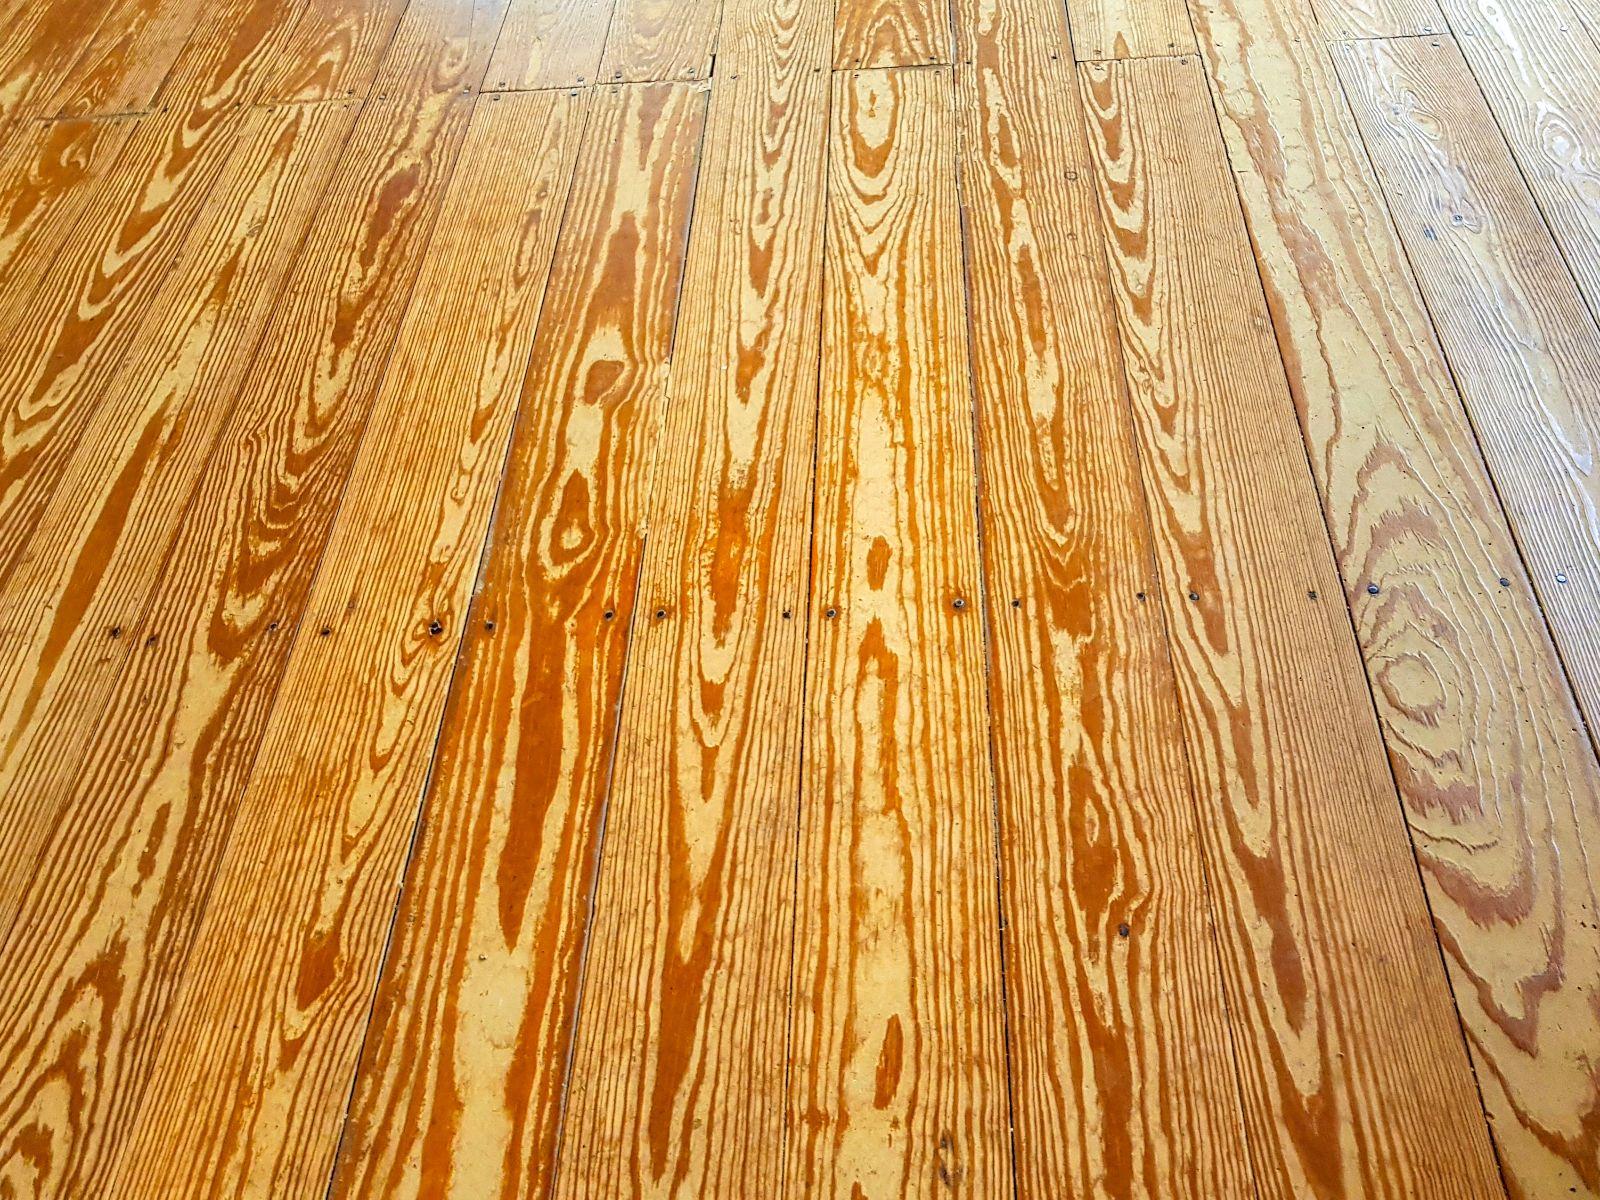 Welche Vorteile bietet ein echter Holzboden?